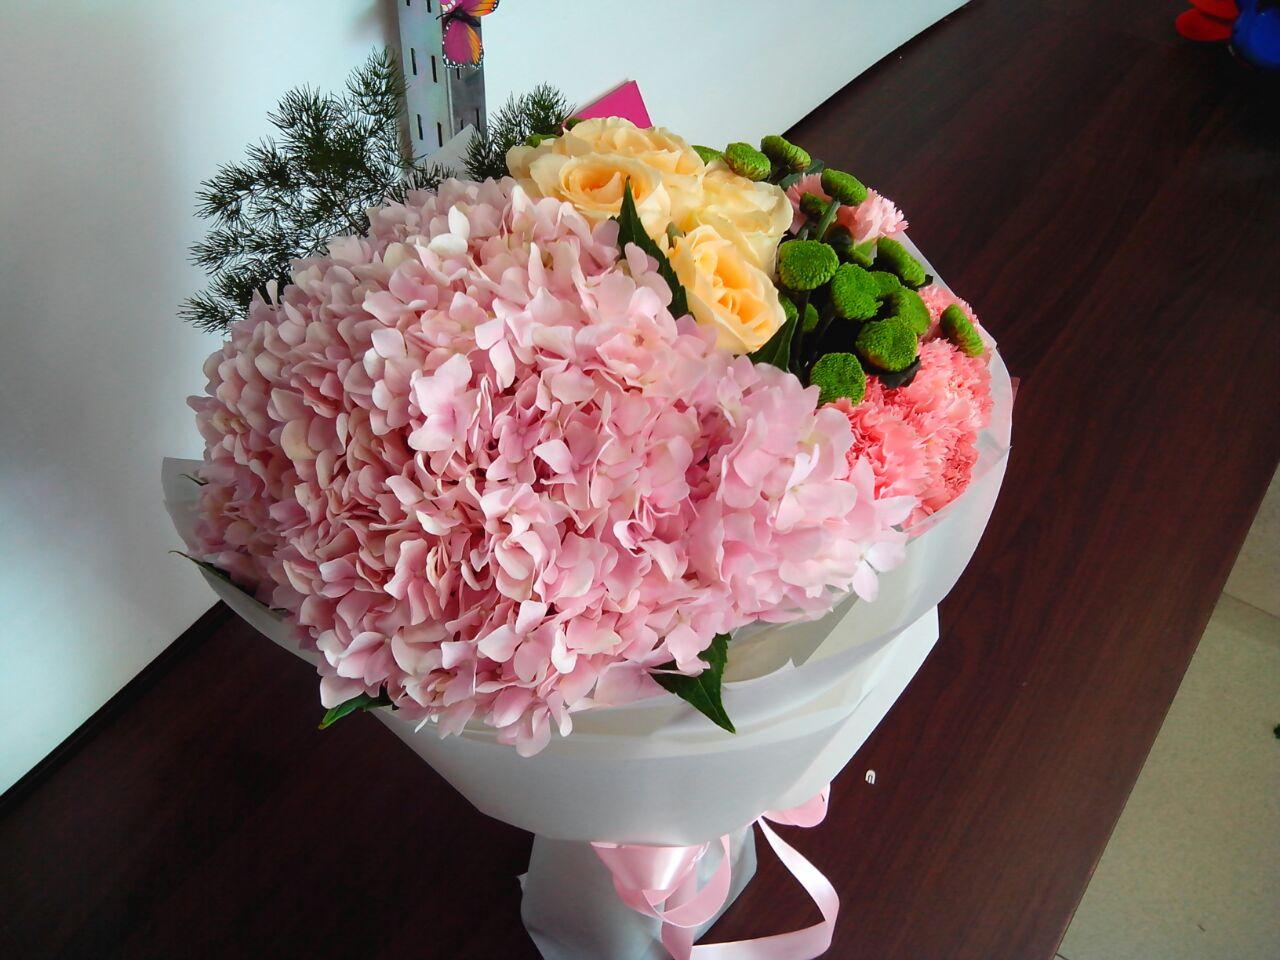 石夏兰绣球高端花束,生日鲜花,仅售289元,价值399元,鲜花,一束,深圳,鲜花送朋友*6朵香槟 鲜花图片展示。